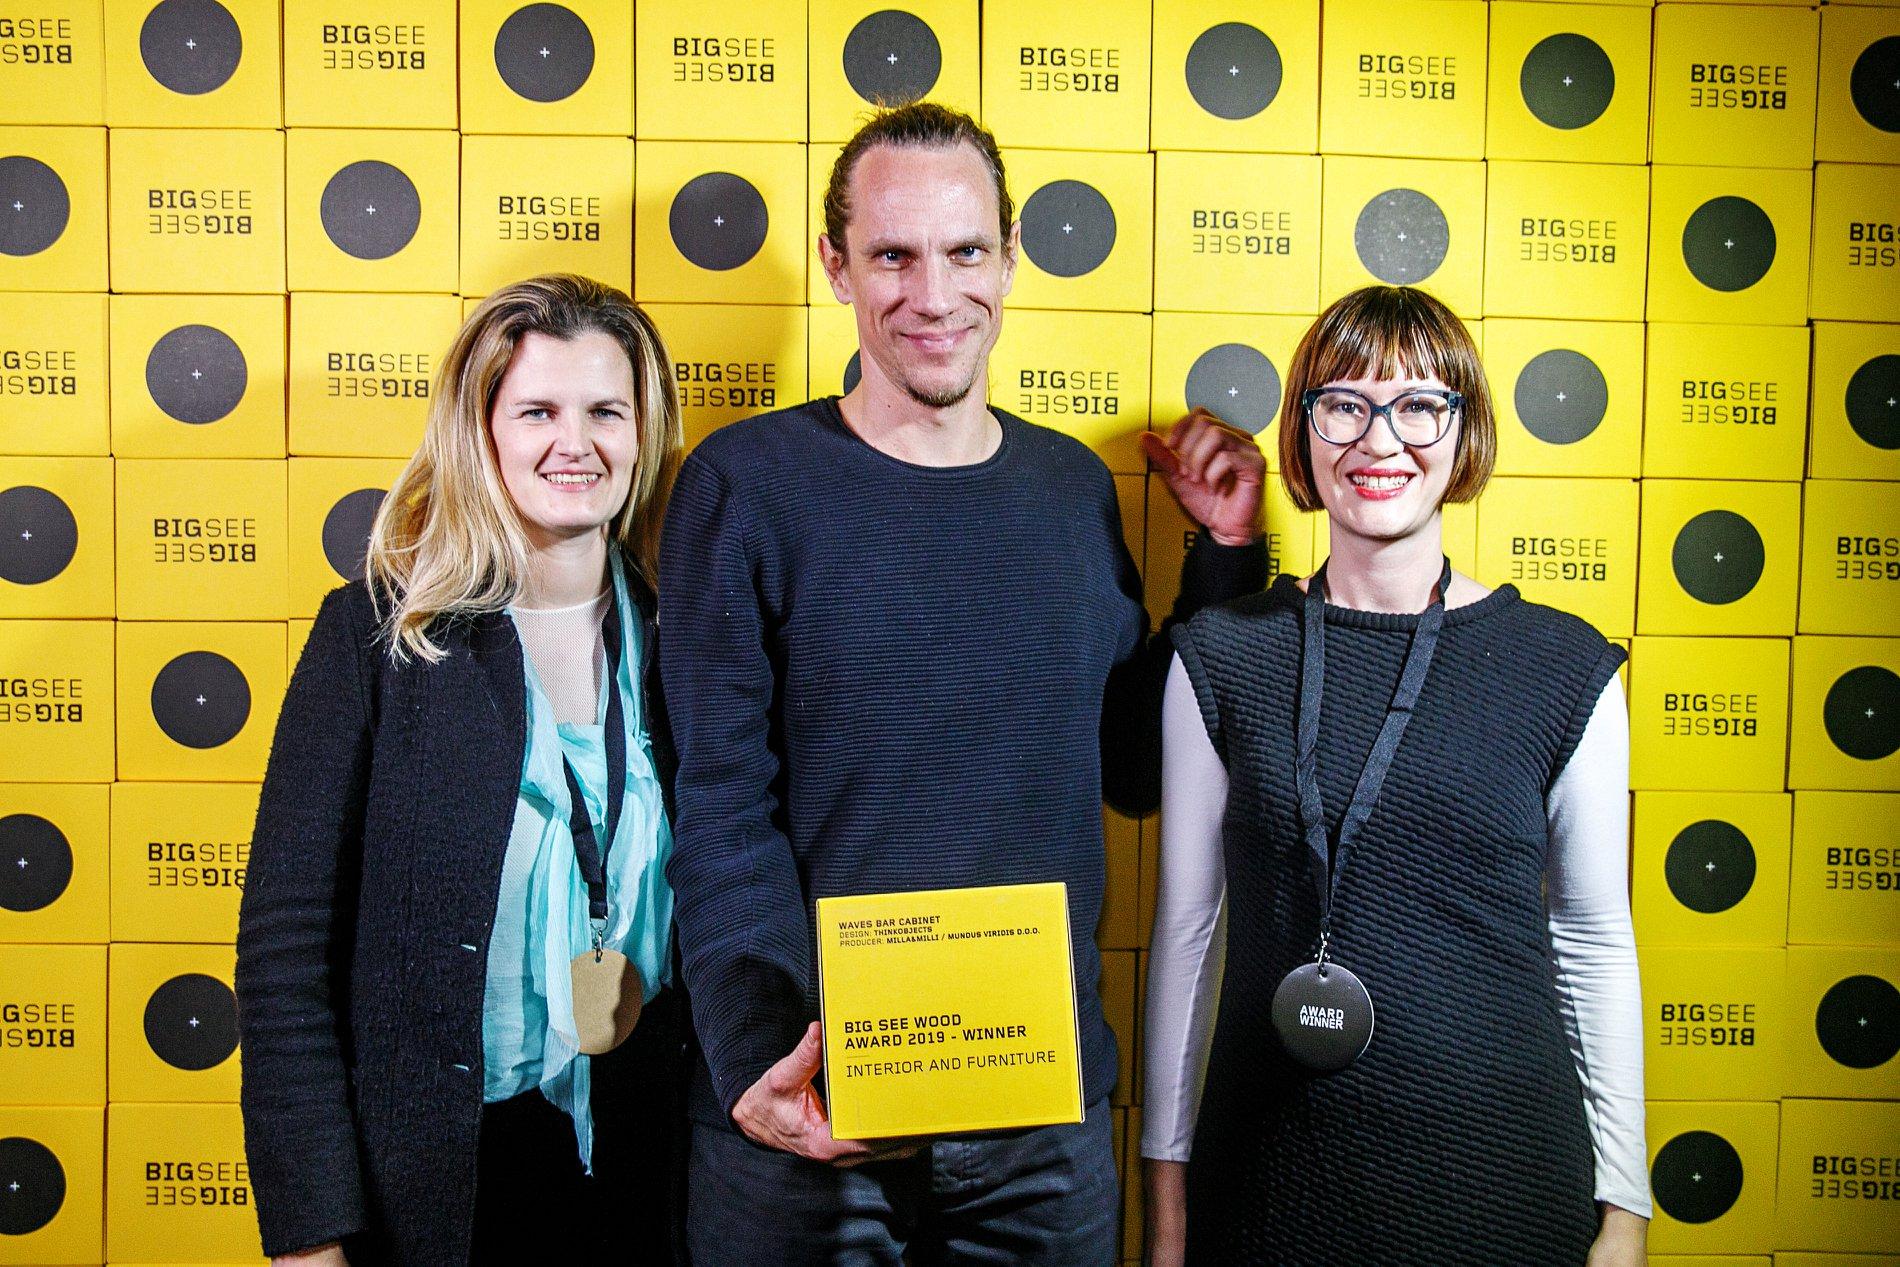 masavukmanovic.com - big see award 2019